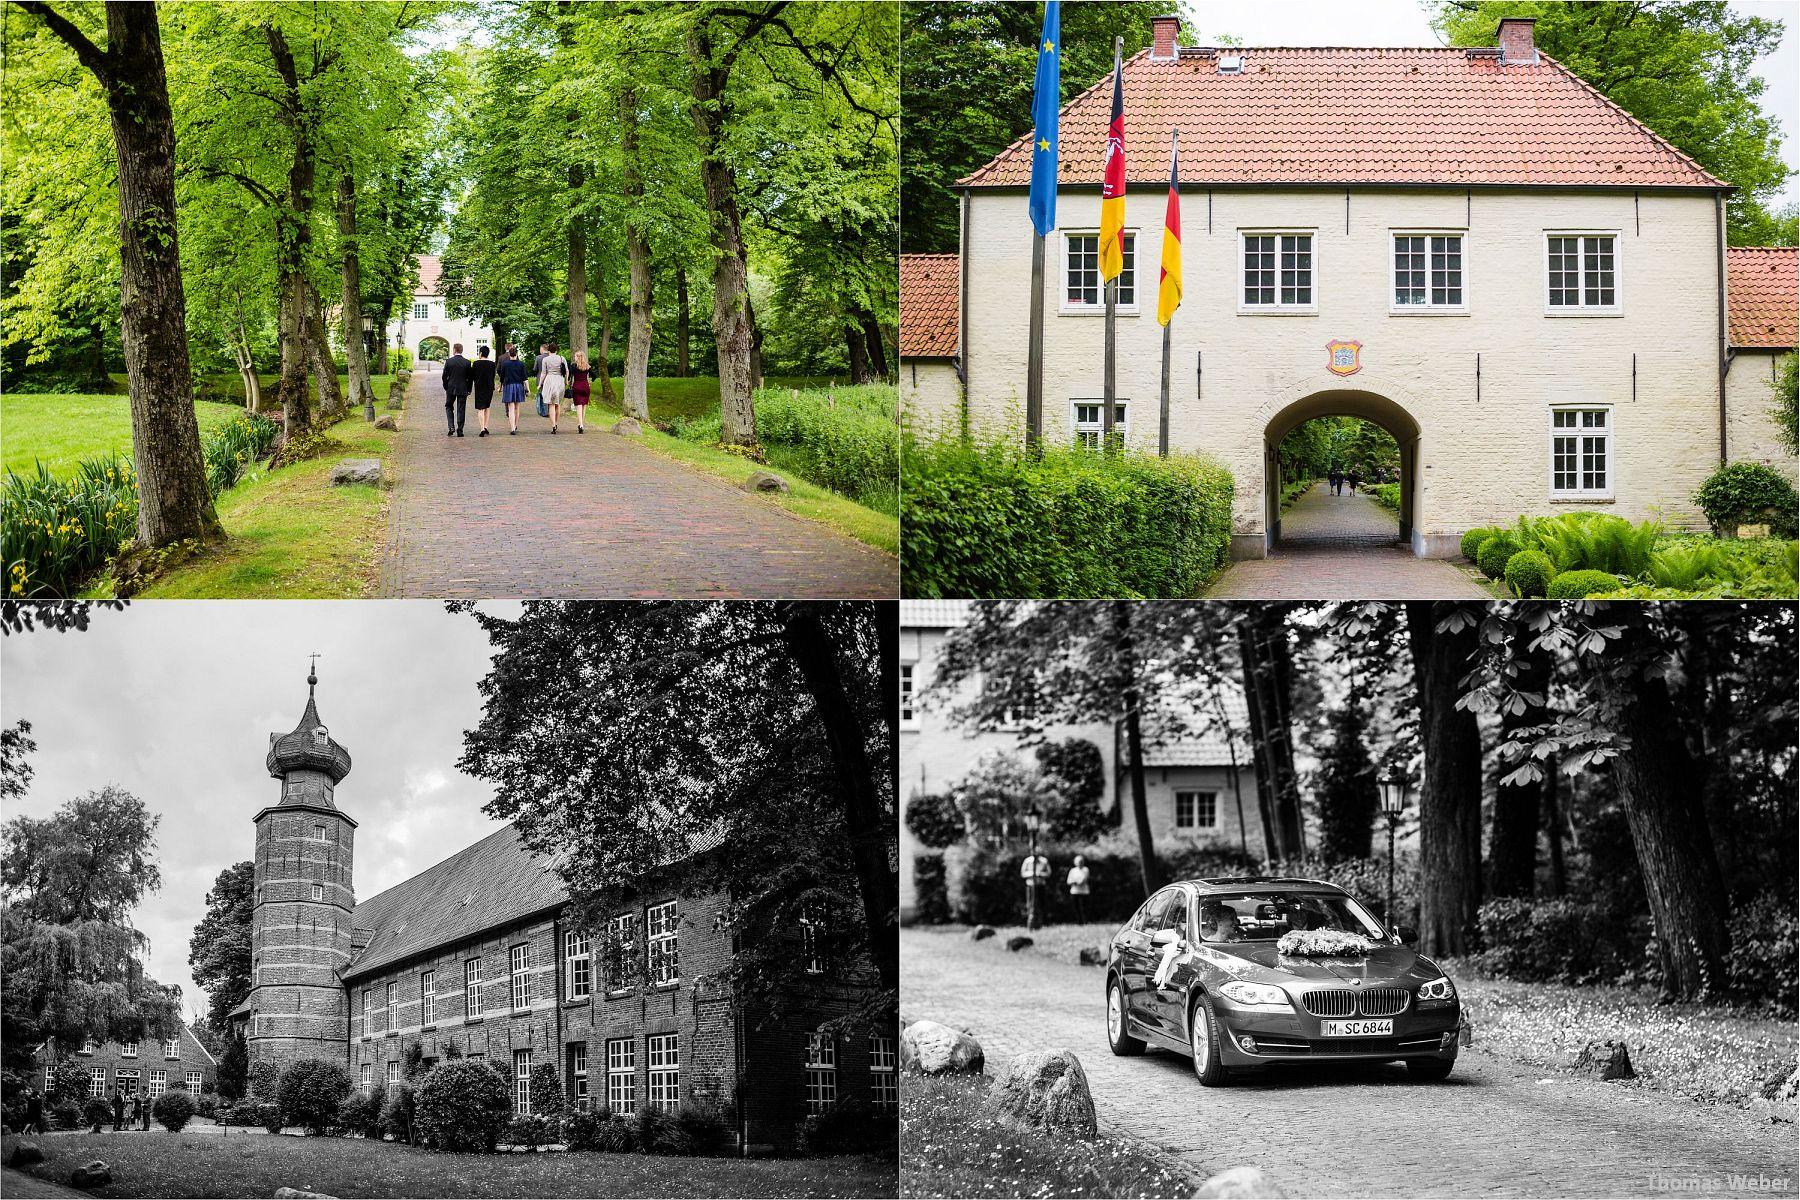 Hochzeitsfotograf Papenburg: Standesamtliche Trauung auf der Burg Kniphausen und Feier im Le Patron am Meer (1)